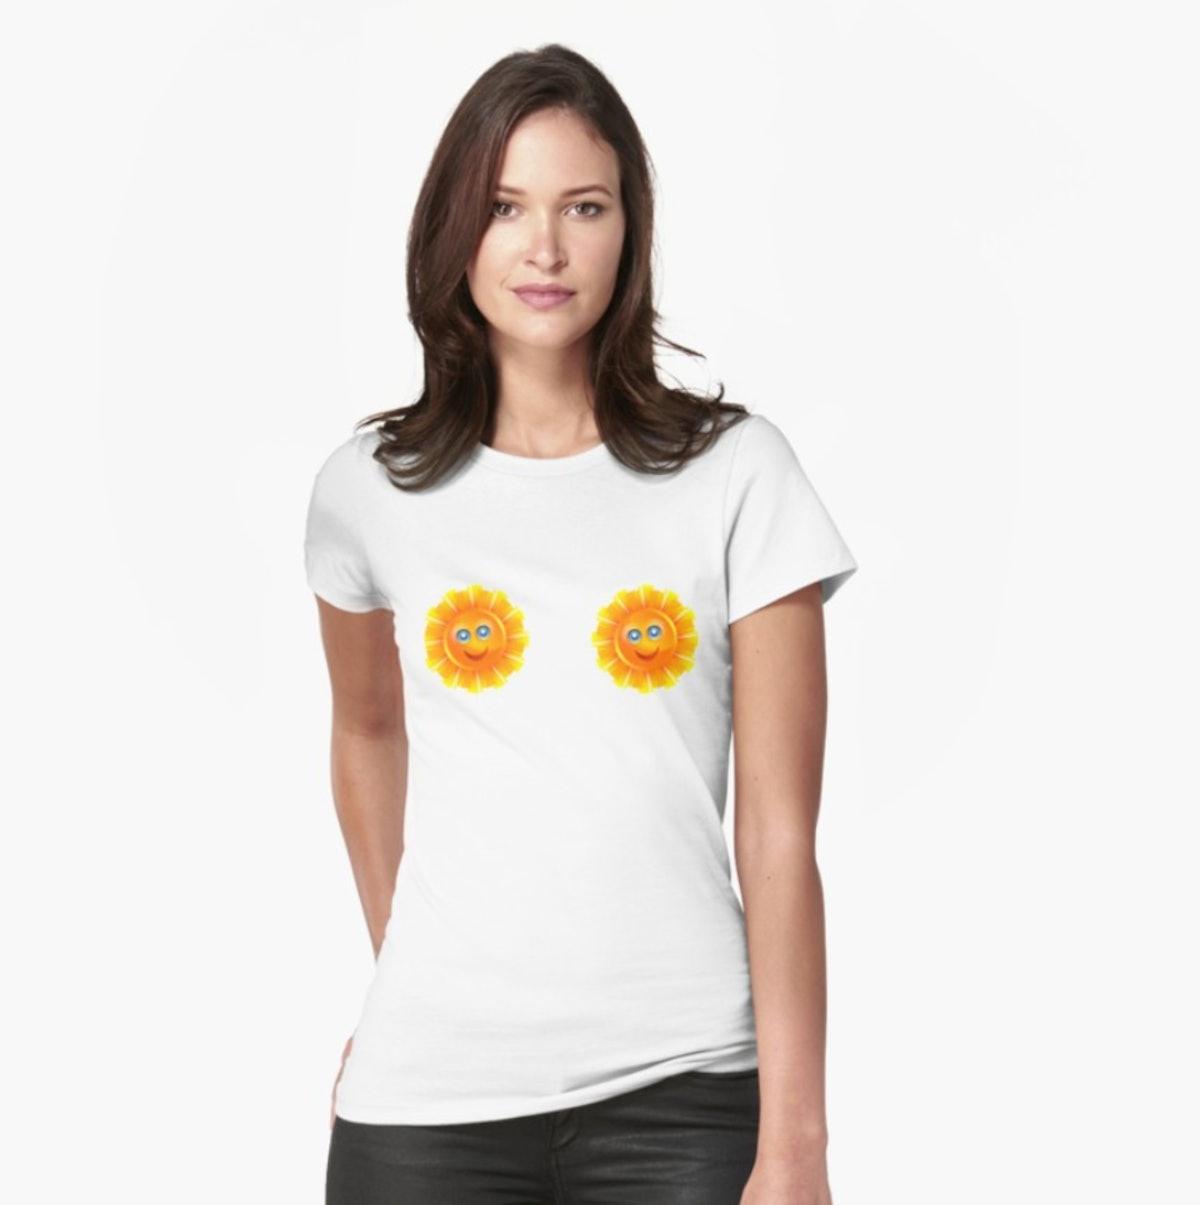 Sunshine Boobs T-Shirt